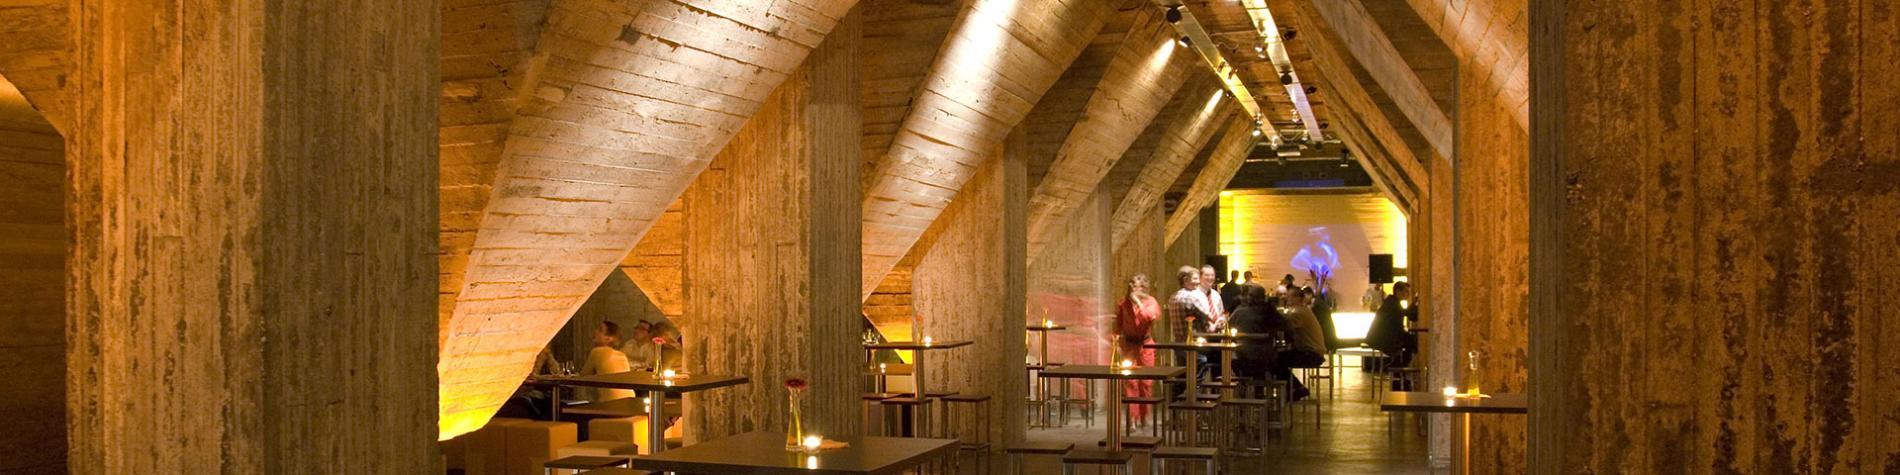 salle faite en béton avec des tables hautes